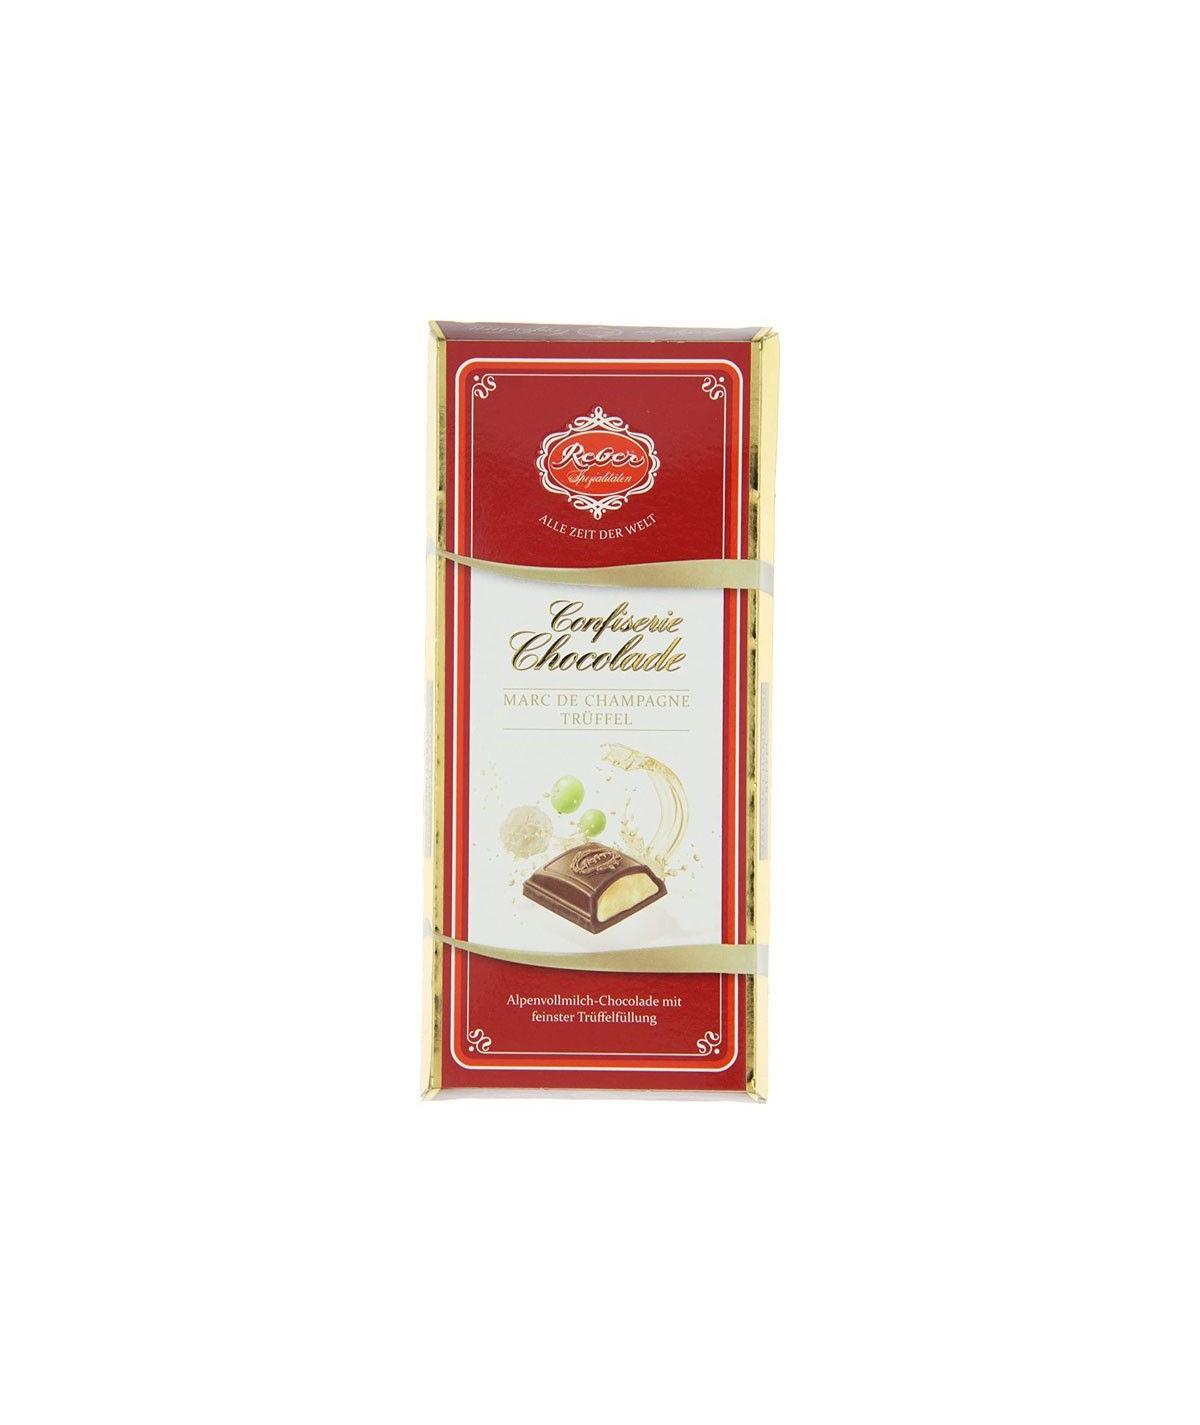 Confiserie-Chocolade Marc de Champagne Tafel Reber 100g